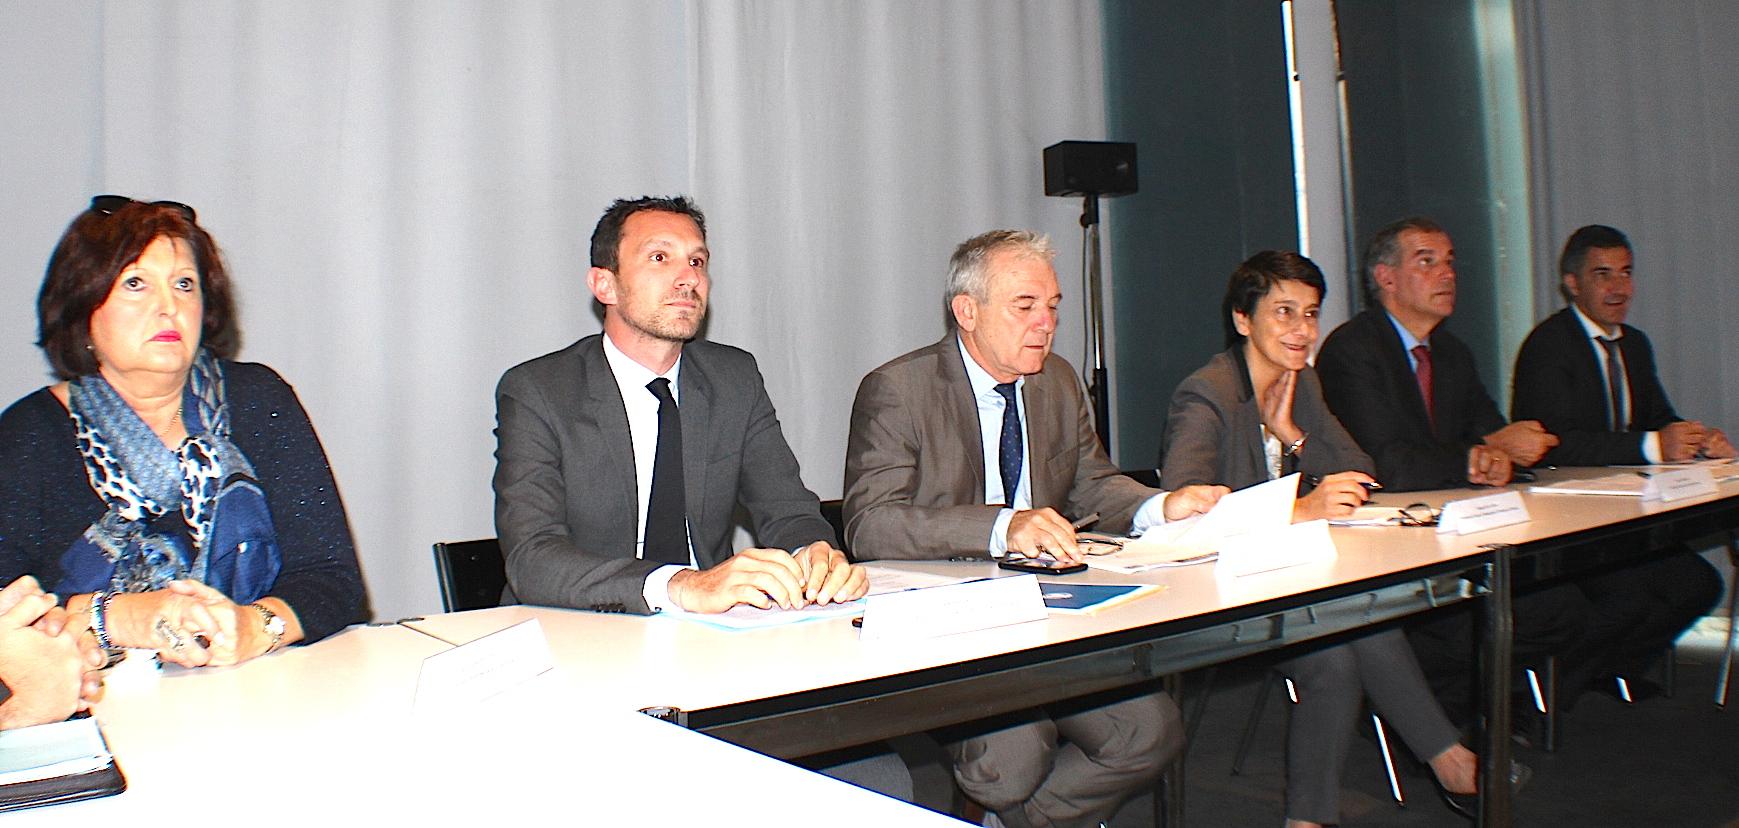 L'enquête sur la mobilité quotidienne des personnes en Corse est lancée